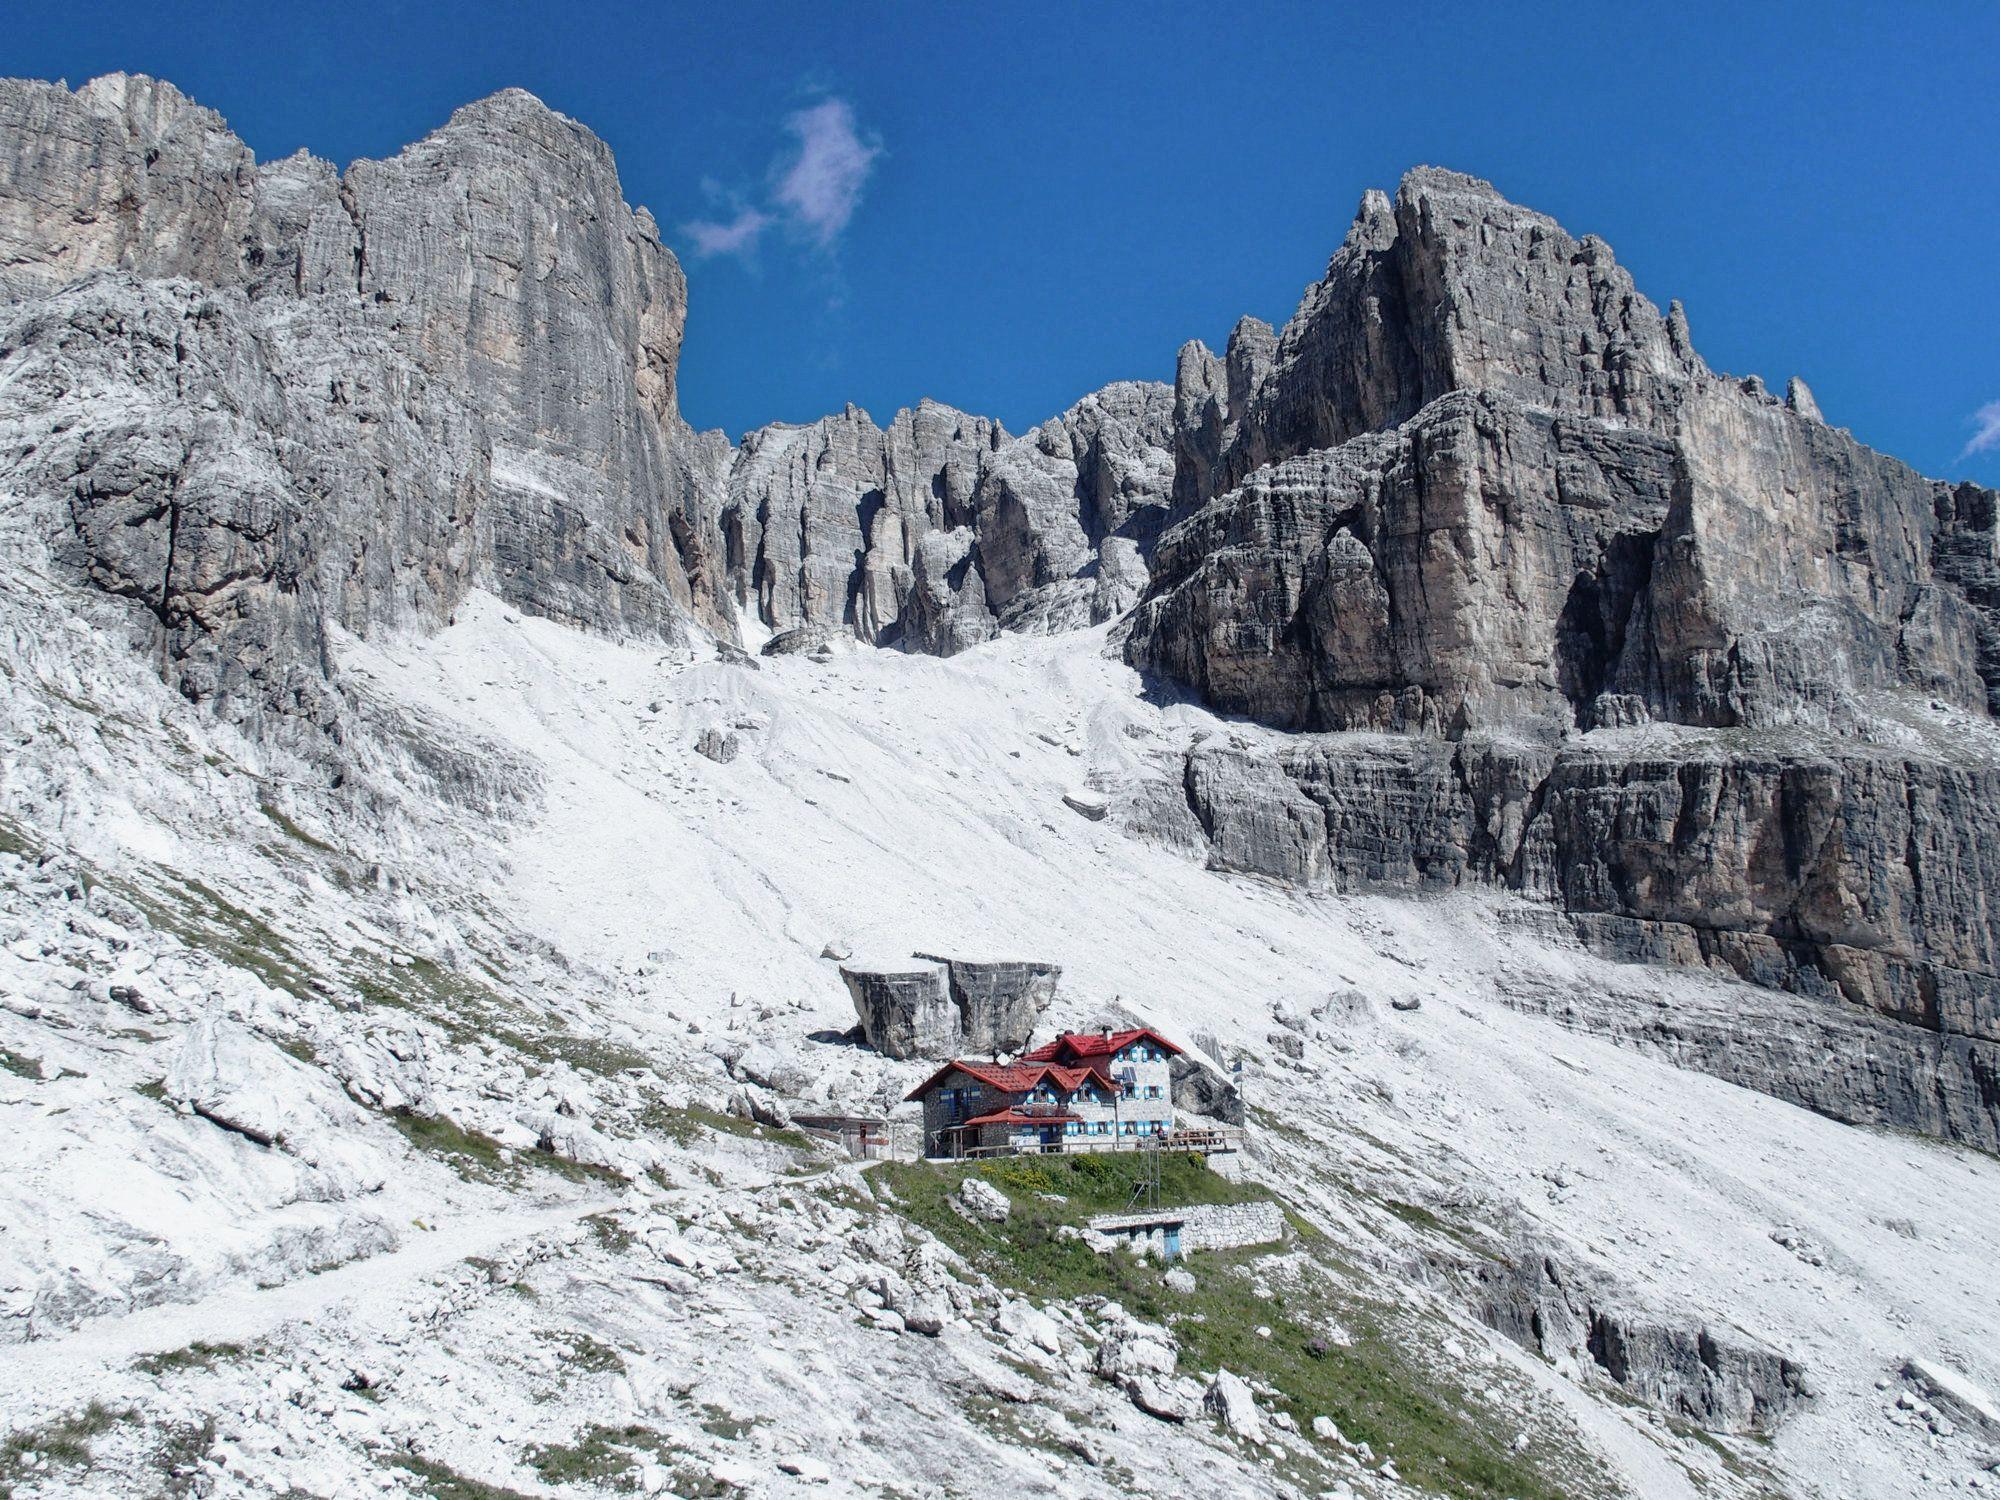 Klettersteig Dolomiten : Klettersteige tourenvorschläge und infos